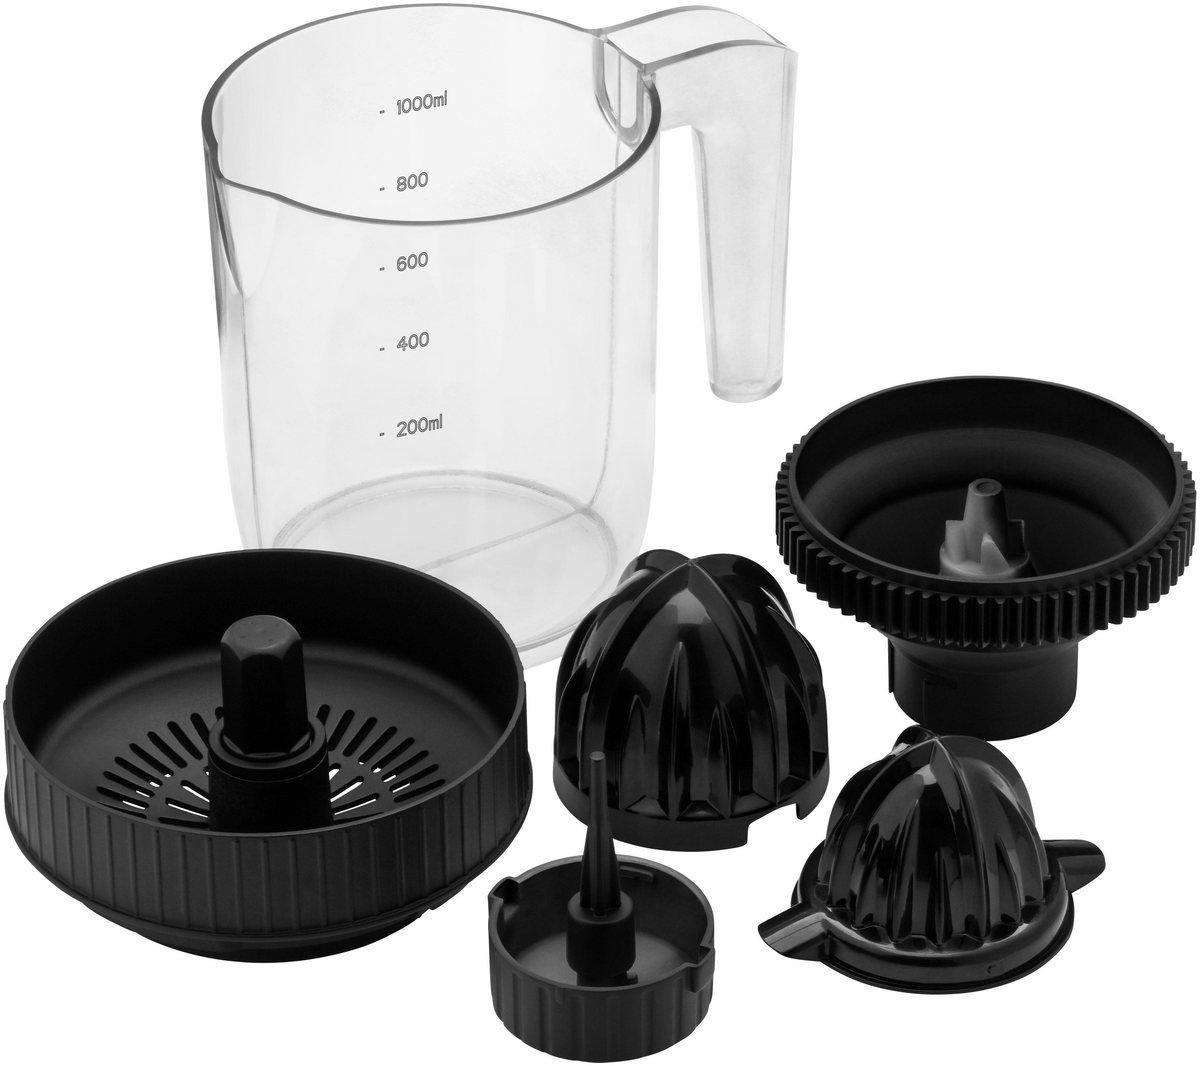 Spiralschneider Einsatz Kult X Zubehor Fur Kult X Und Kult Pro Spiralschneider Drip Coffee Maker Coffee Maker Coffee